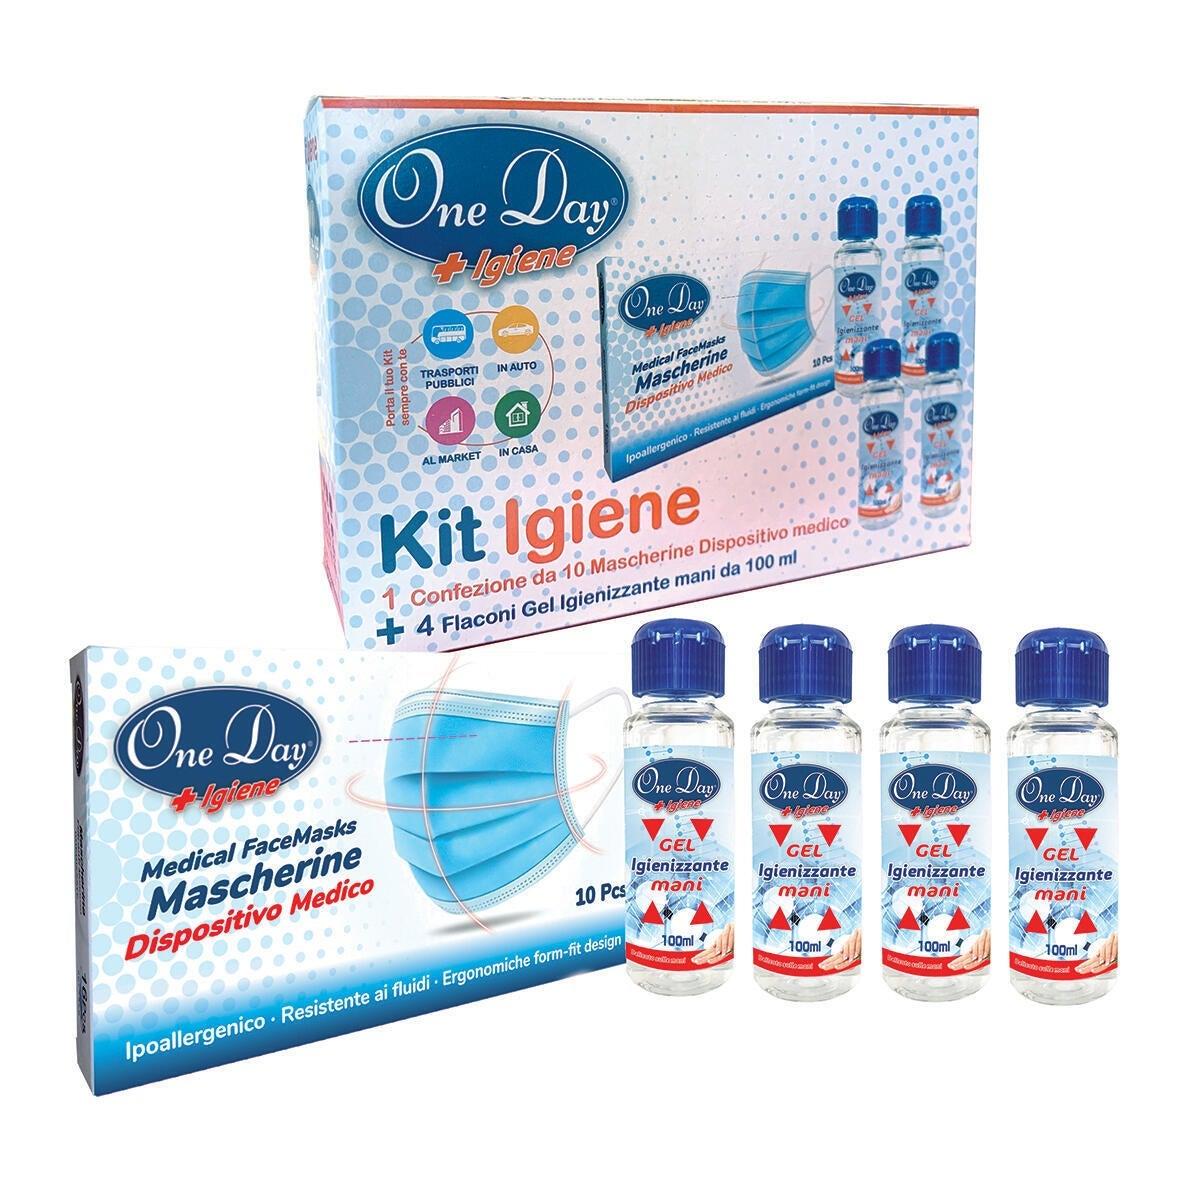 Mascherina igienica Kit One Day 10 mascherine+4 flaconi gel 10 pezzi - 1